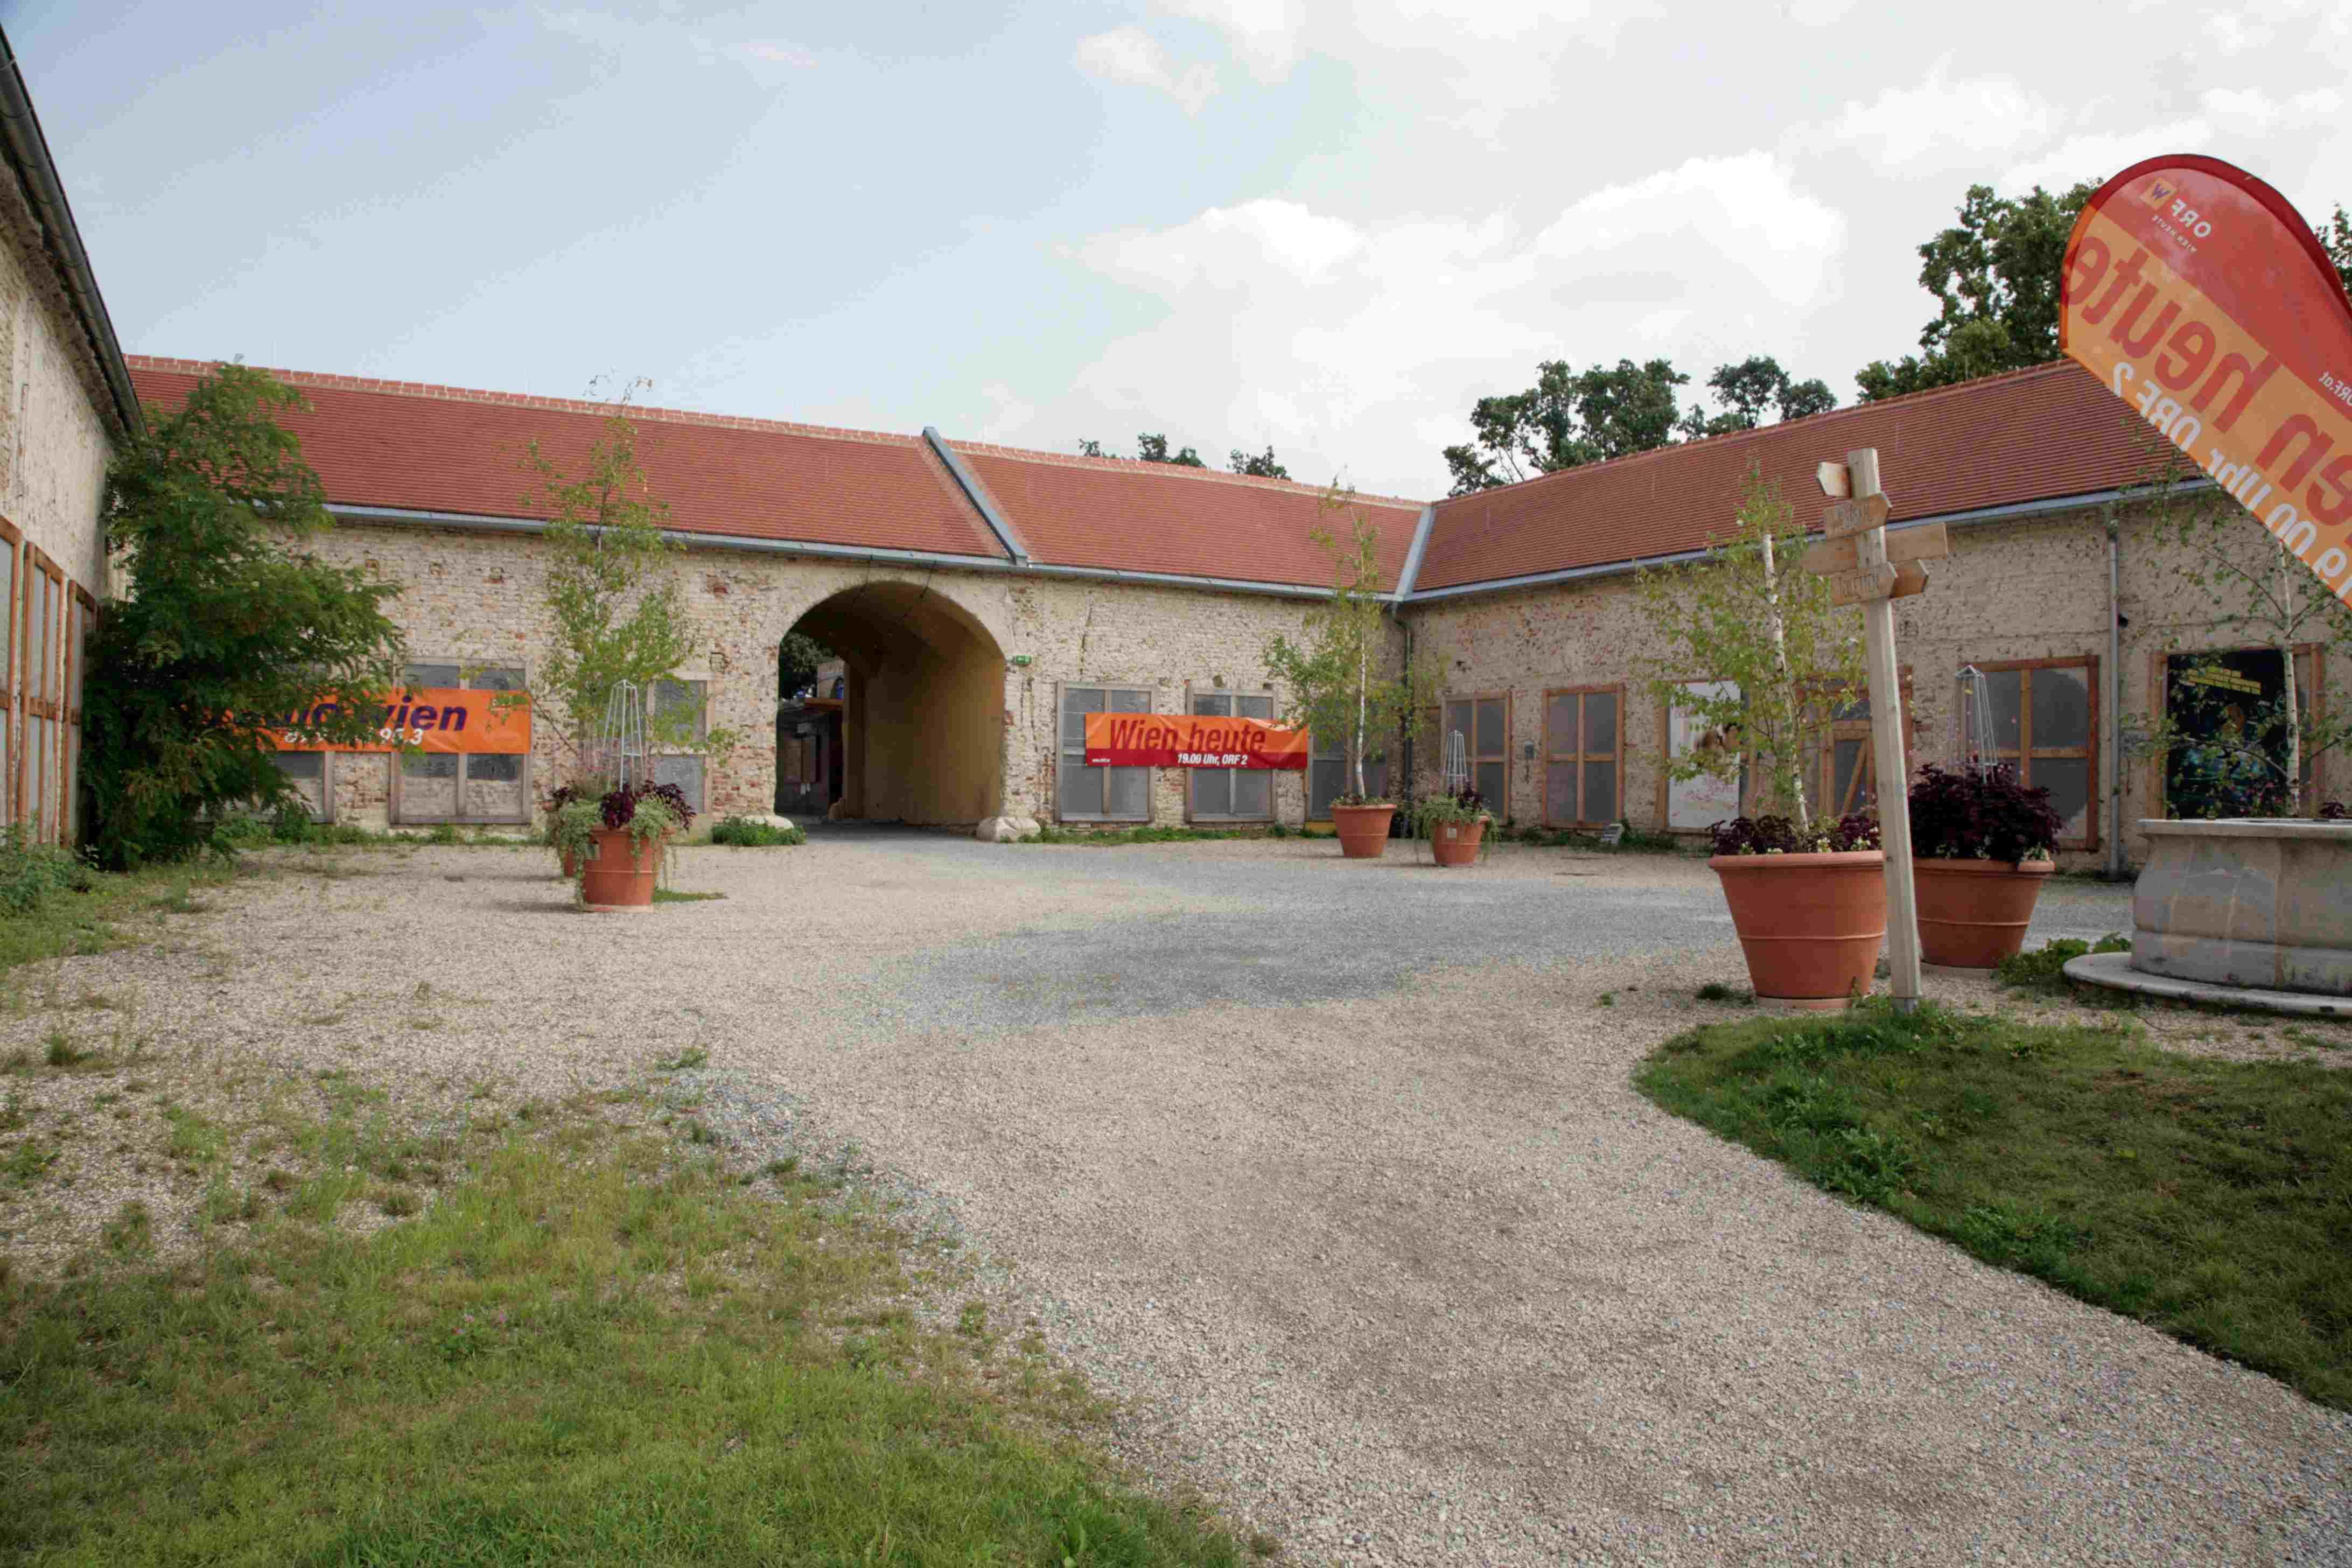 Hof im Schloss Neugebäude (11. Bezirk)